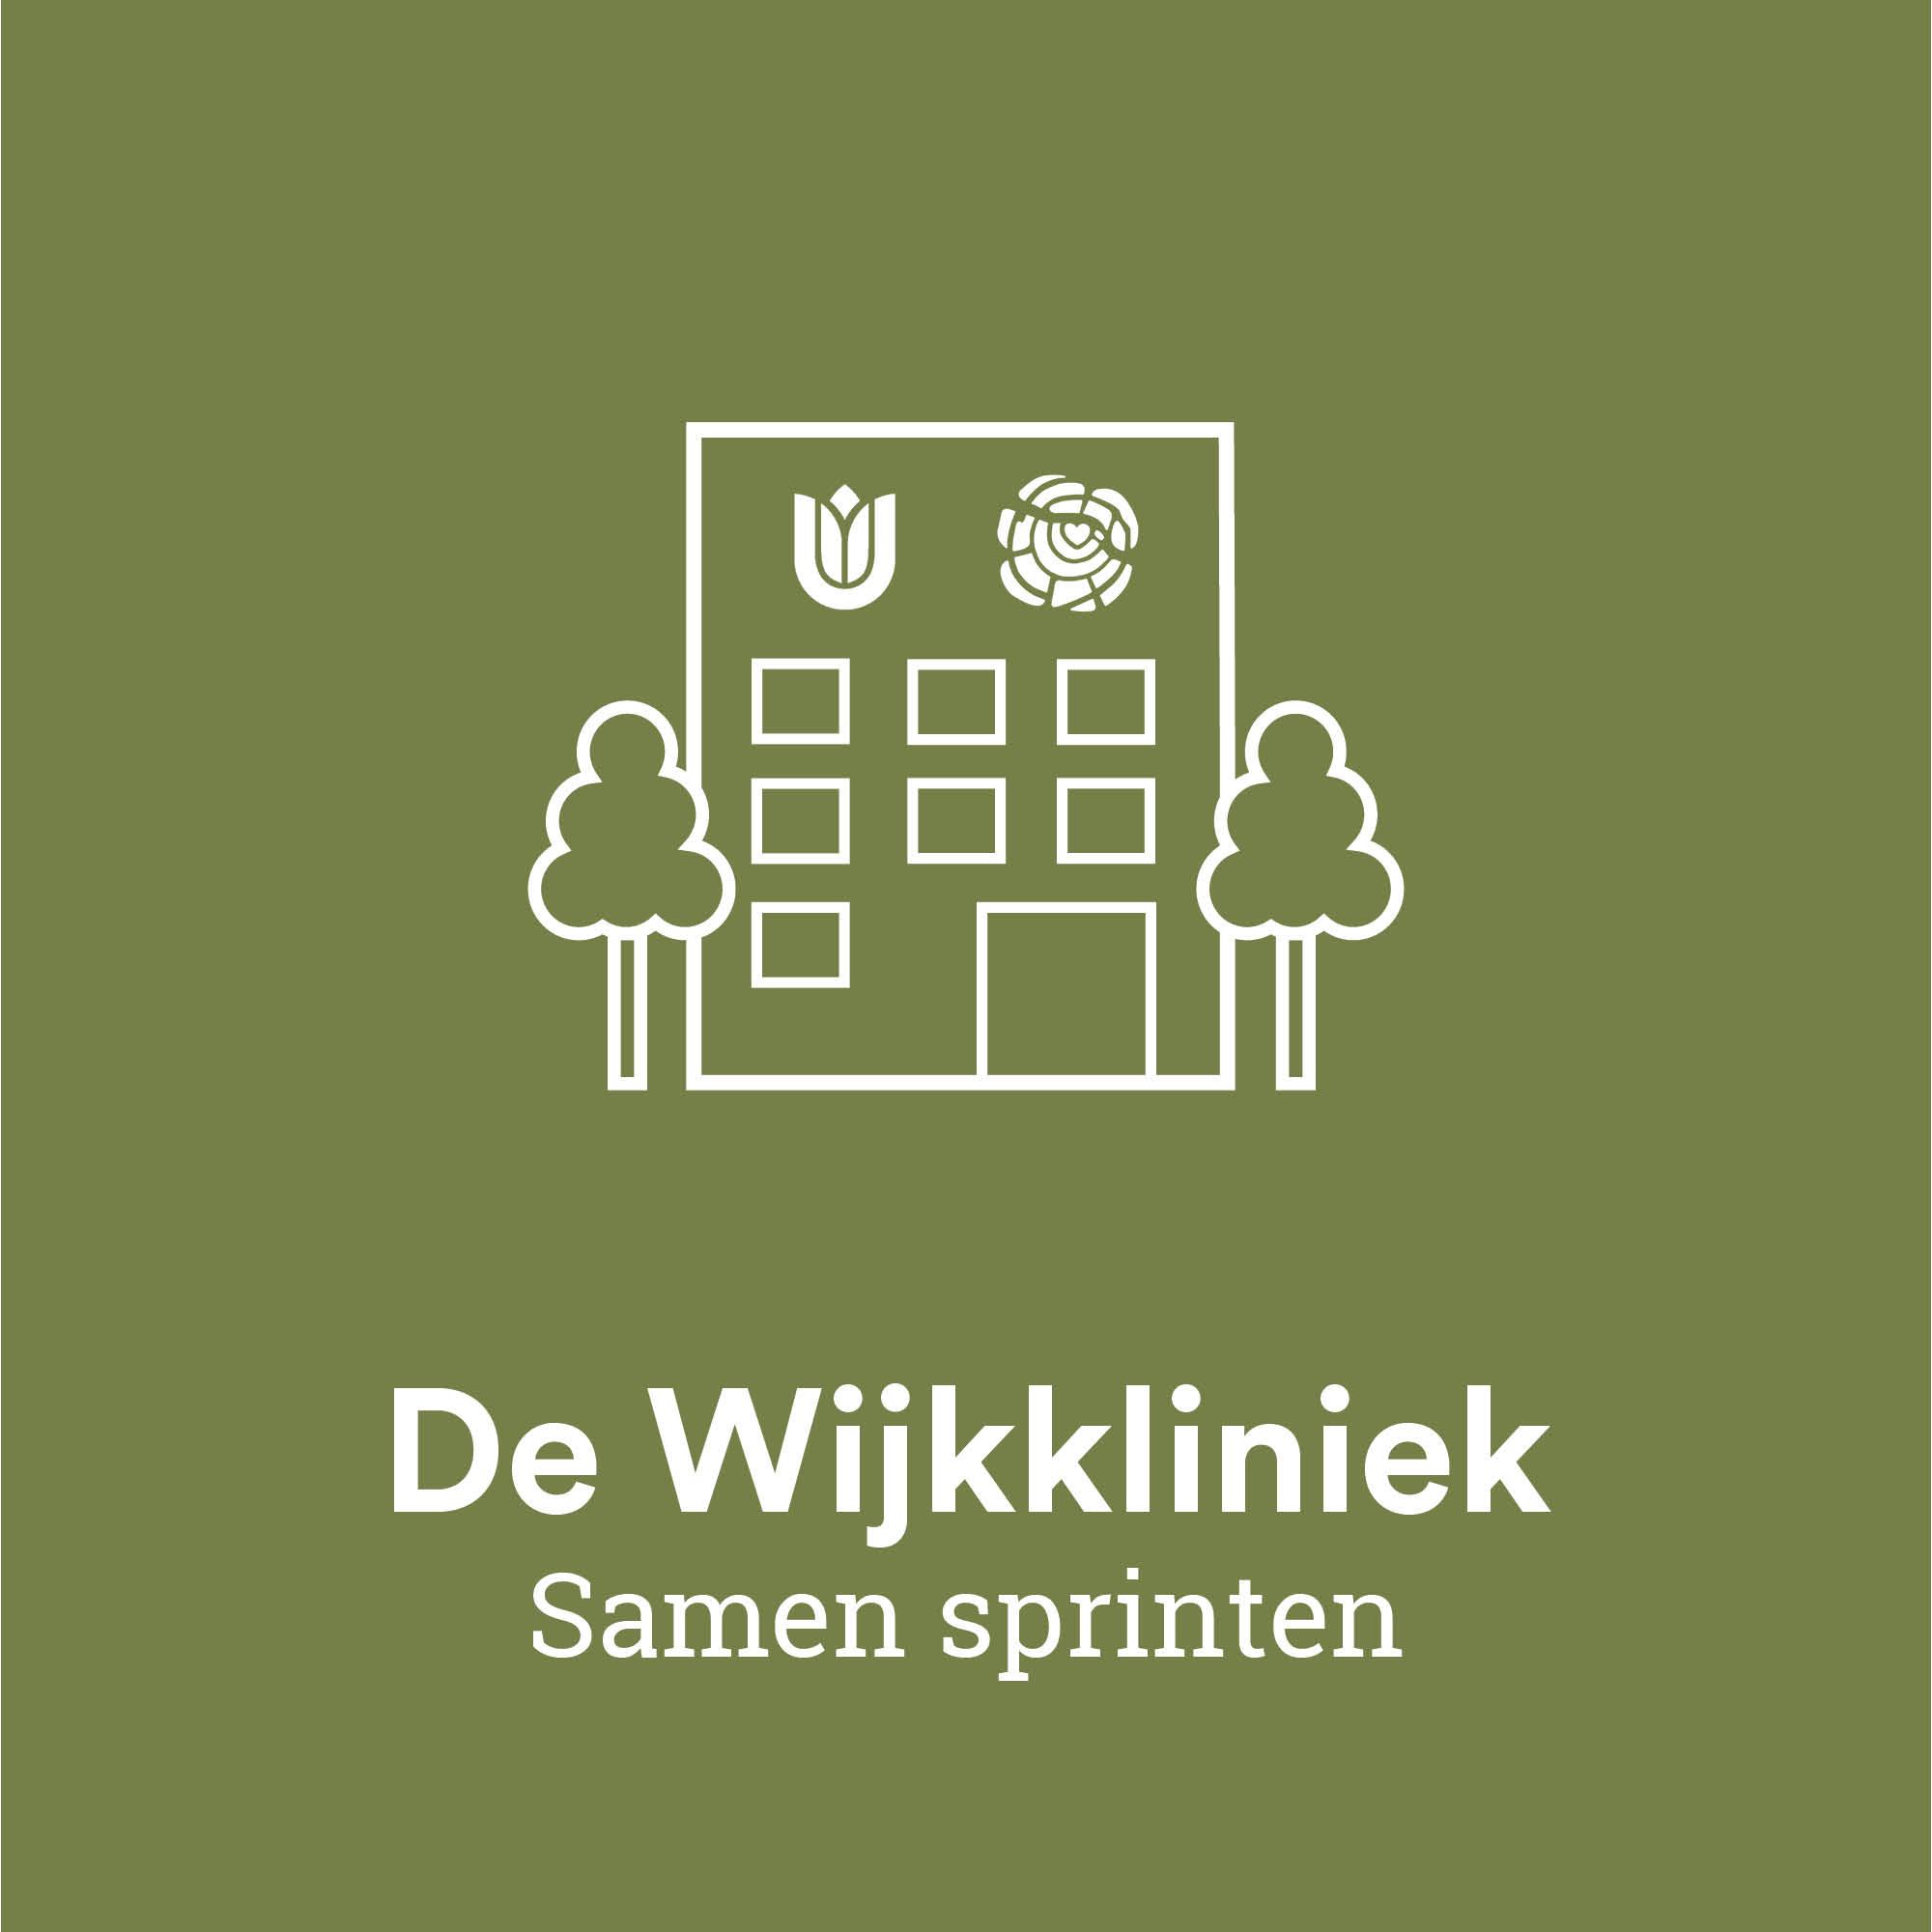 Samen sprinten WijkKliniek